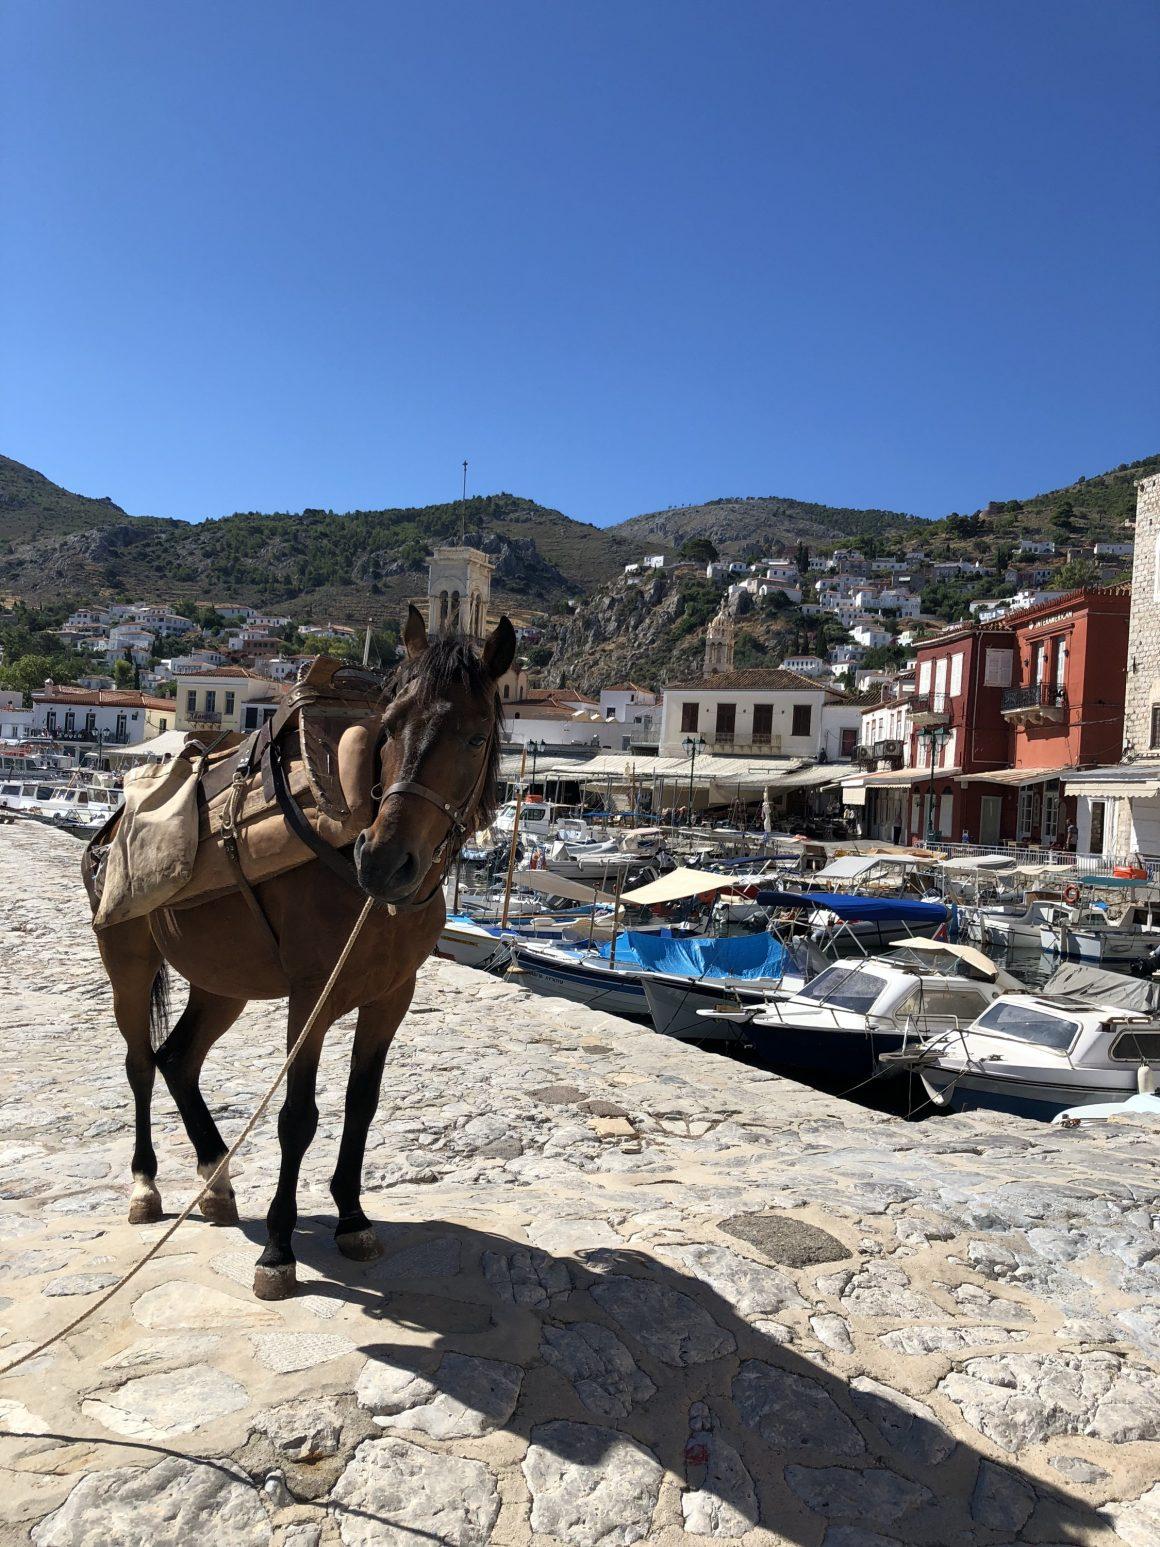 Un cheval et des bateaux sur l'île Hydra en Grèce